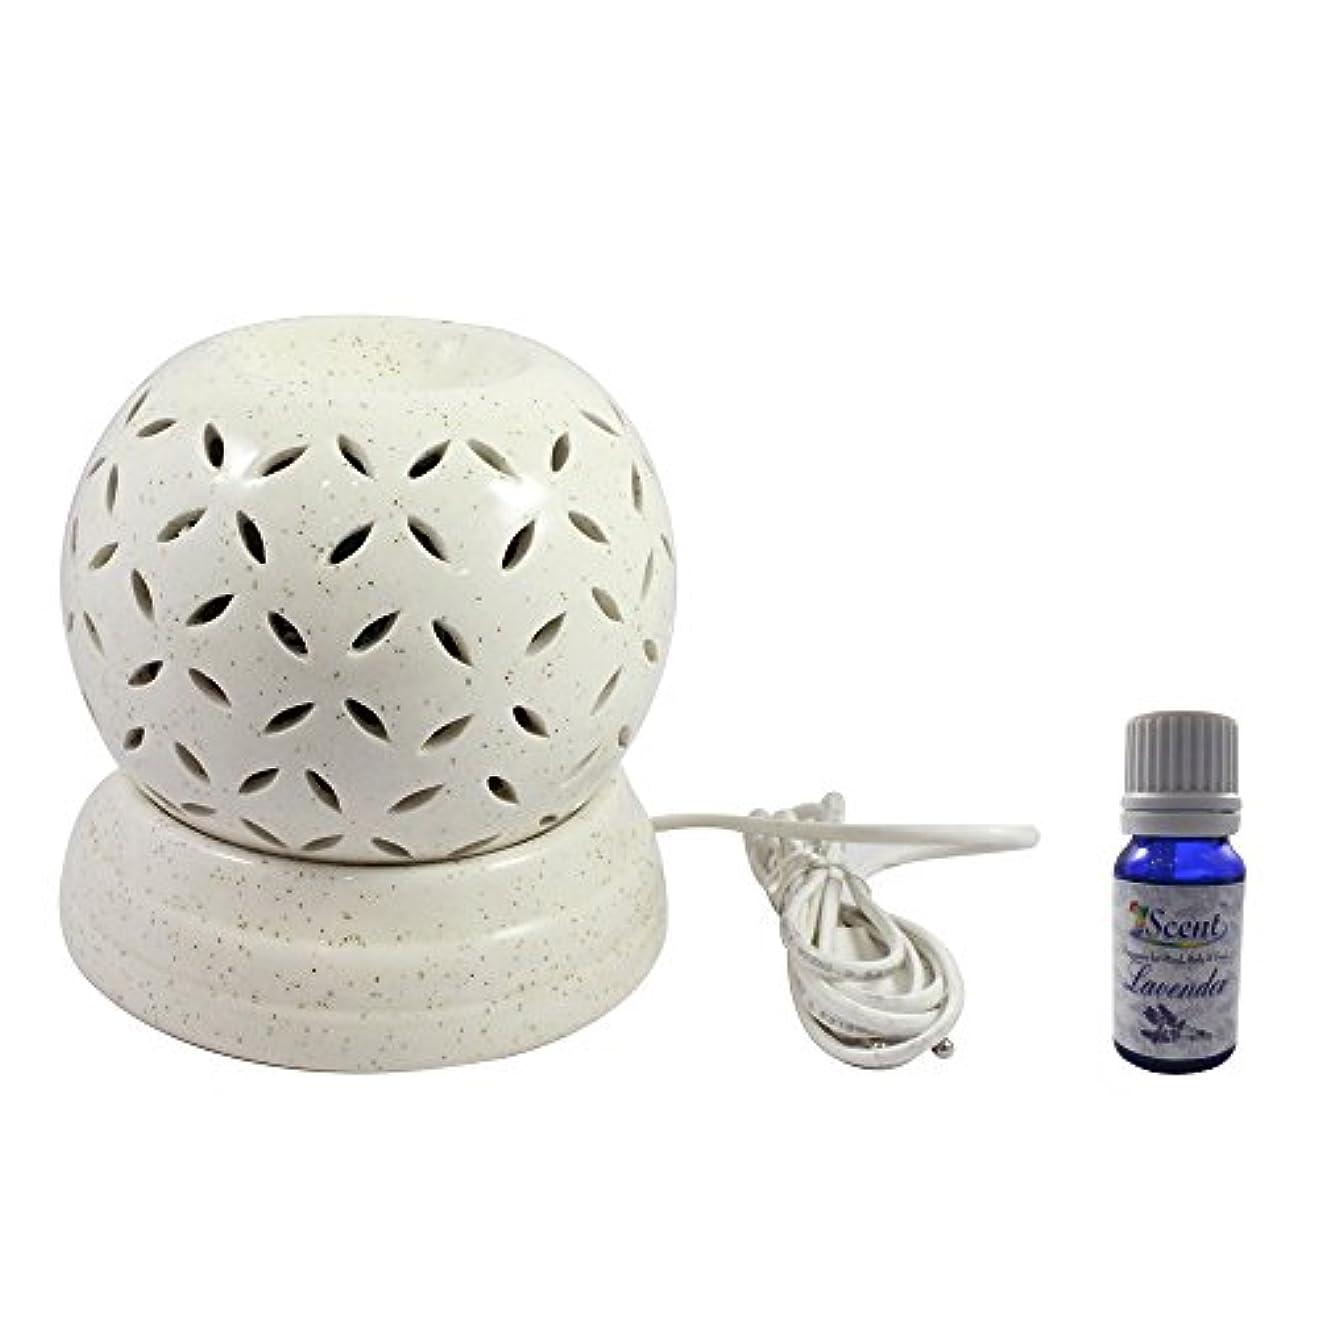 強調スピーカー活性化する家庭装飾定期的に使用する汚染されていない手作りセラミックエスニック電気アロマディフューザーオイルバーナージャスミンフレグランスオイル|良質白い色の電気アロマテラピー香油暖かい数量1